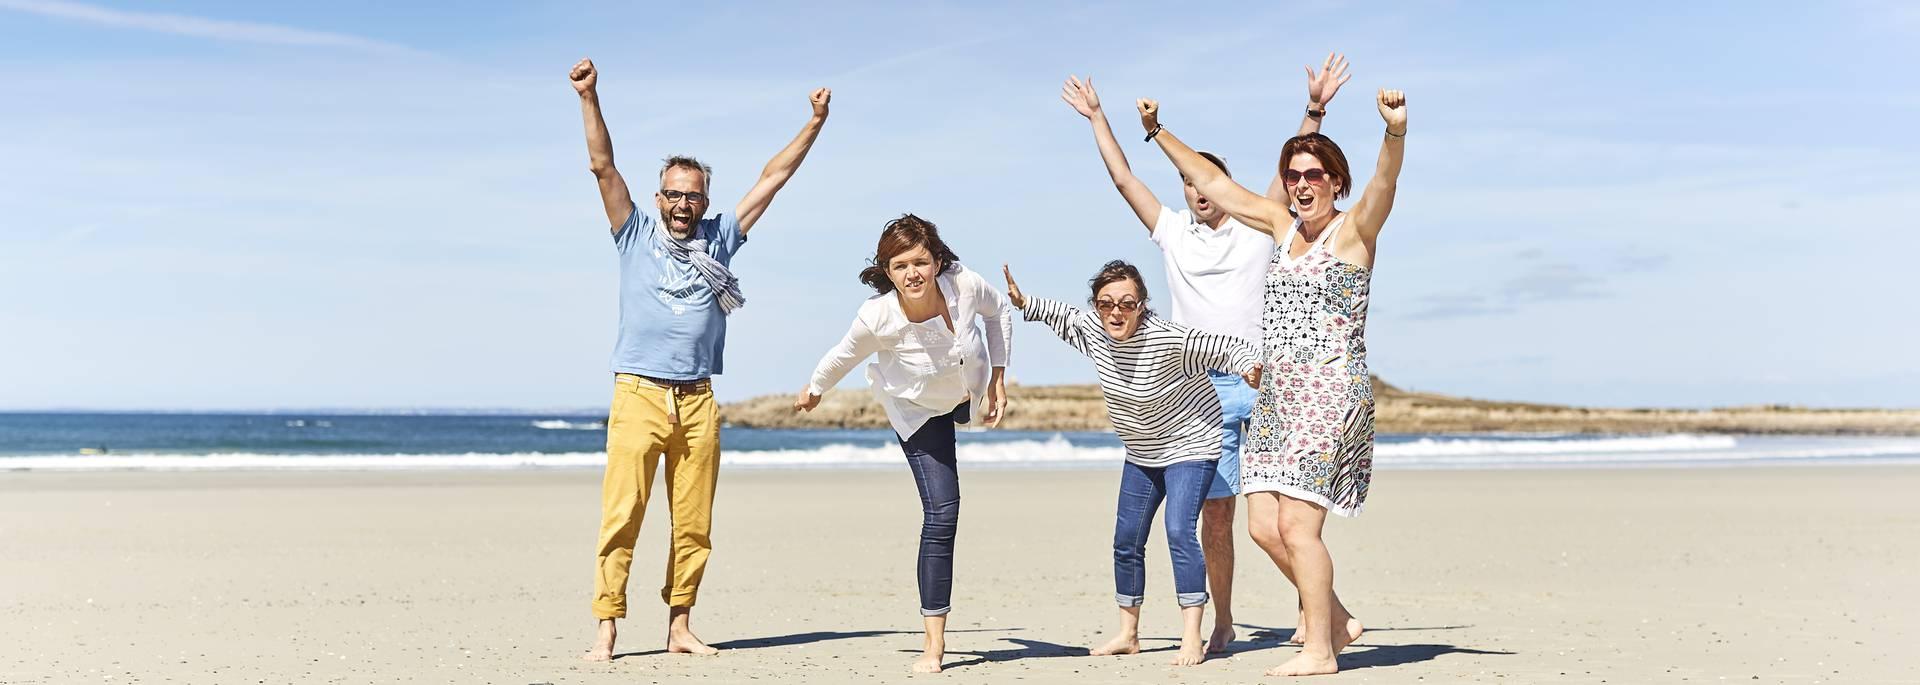 Jeux sur la plage de Pors Carn ©Alexandre Lamoureux